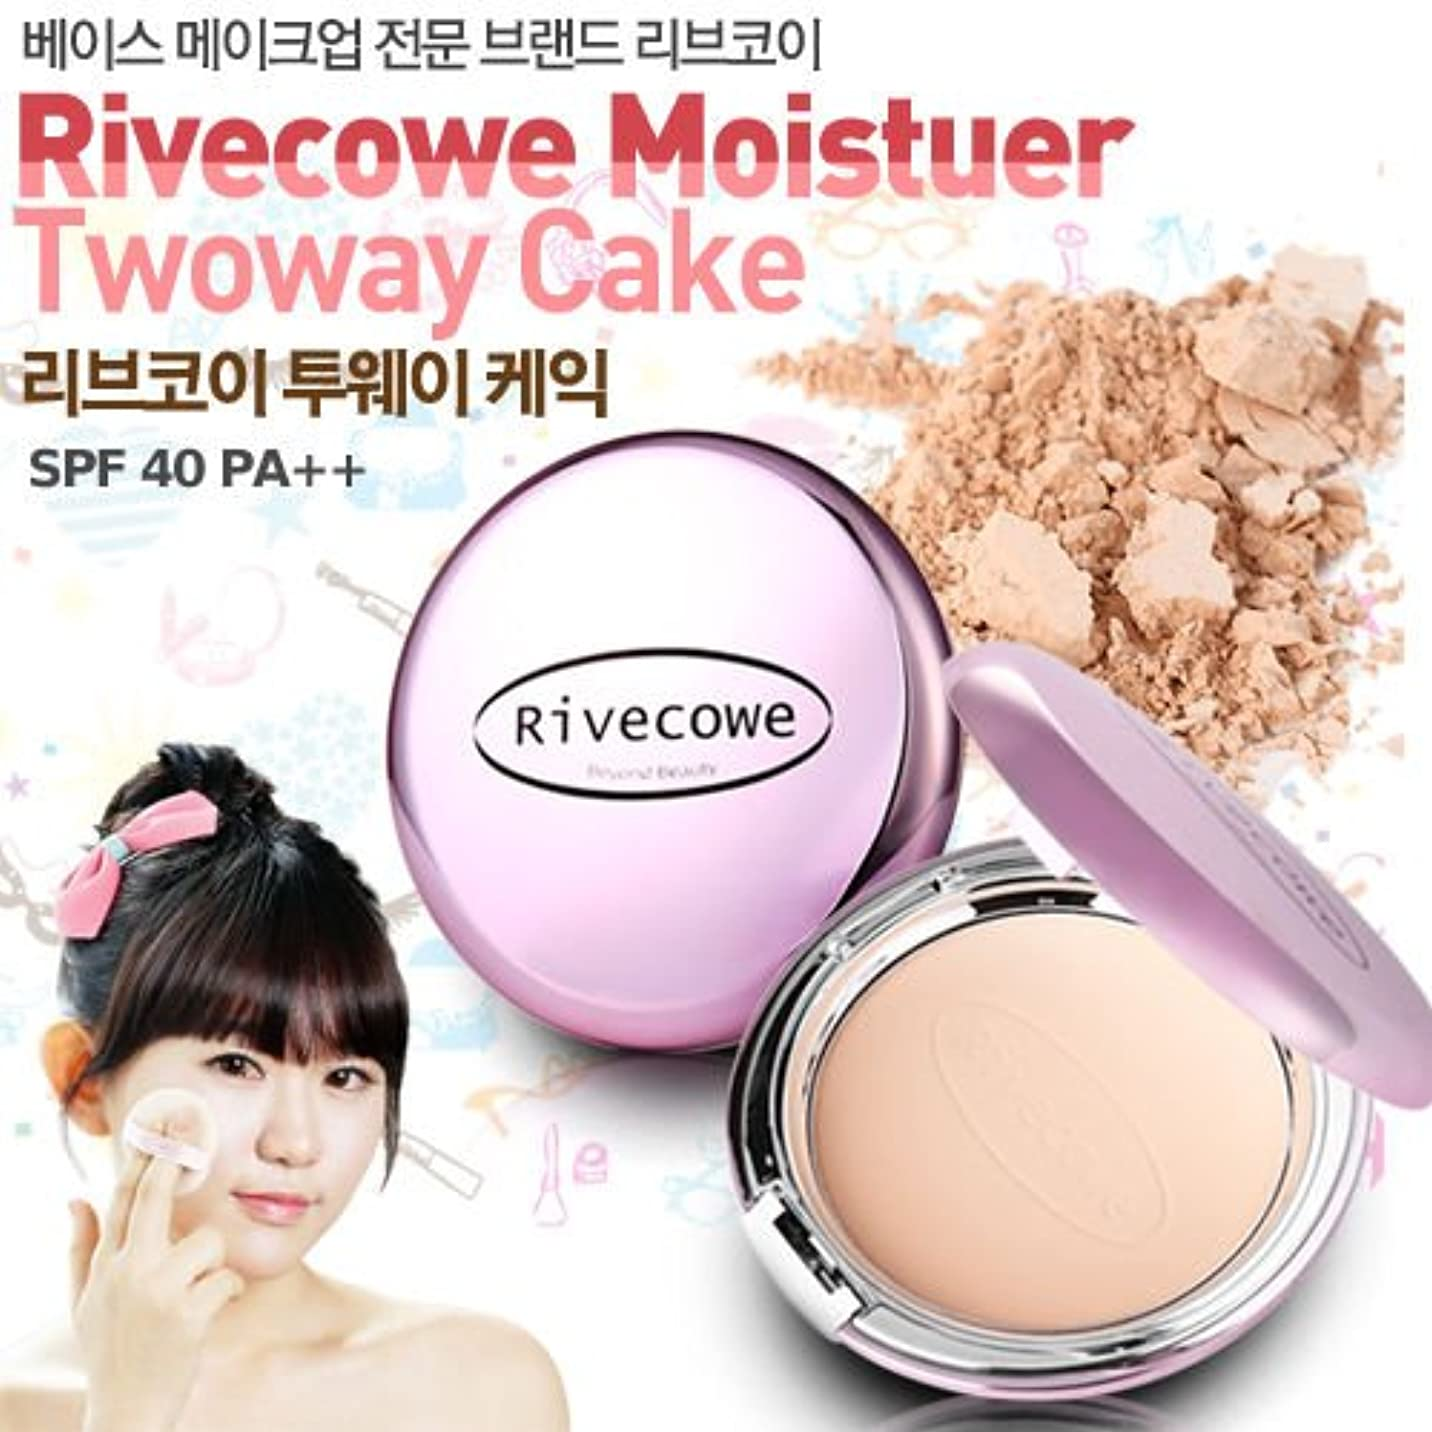 八アウトドアエレベーターRivecowe Moisture Twoway Cake (Foundation + Powder) SPF40PA++ 12g (No. 23 Medium Beige) [並行輸入品]